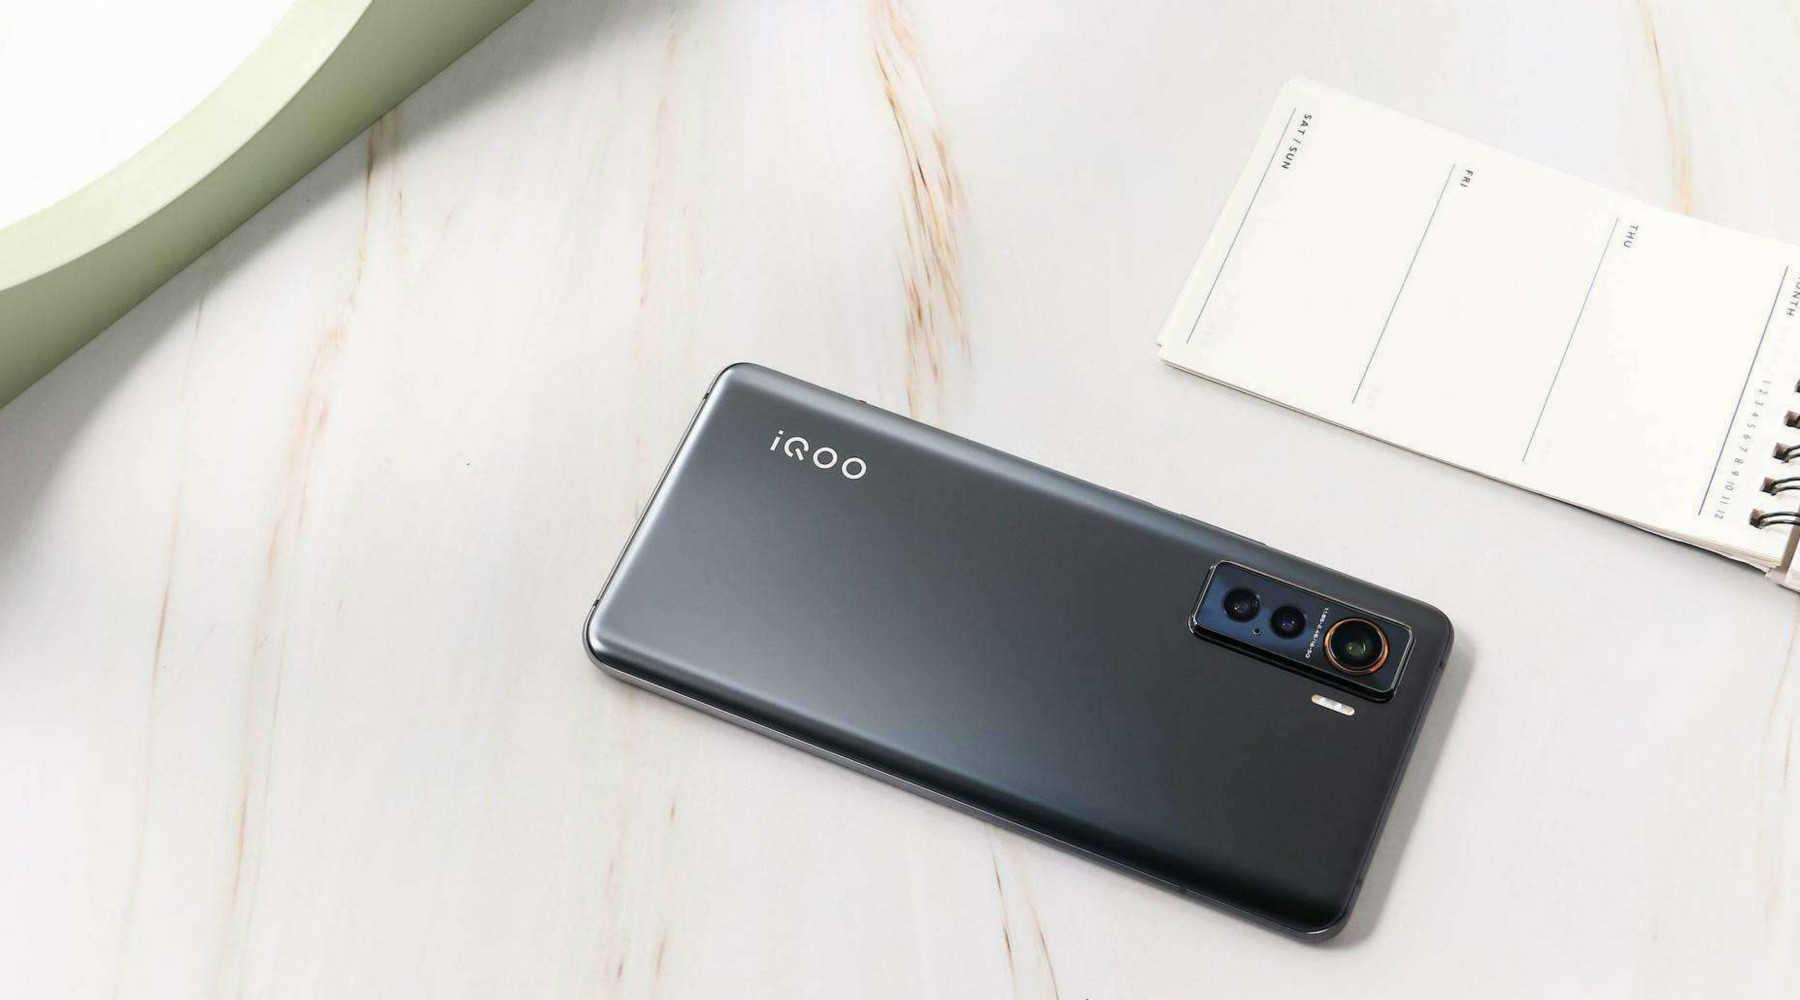 2020年4000元左右的手机哪个好_2020什么手机好用性价比高